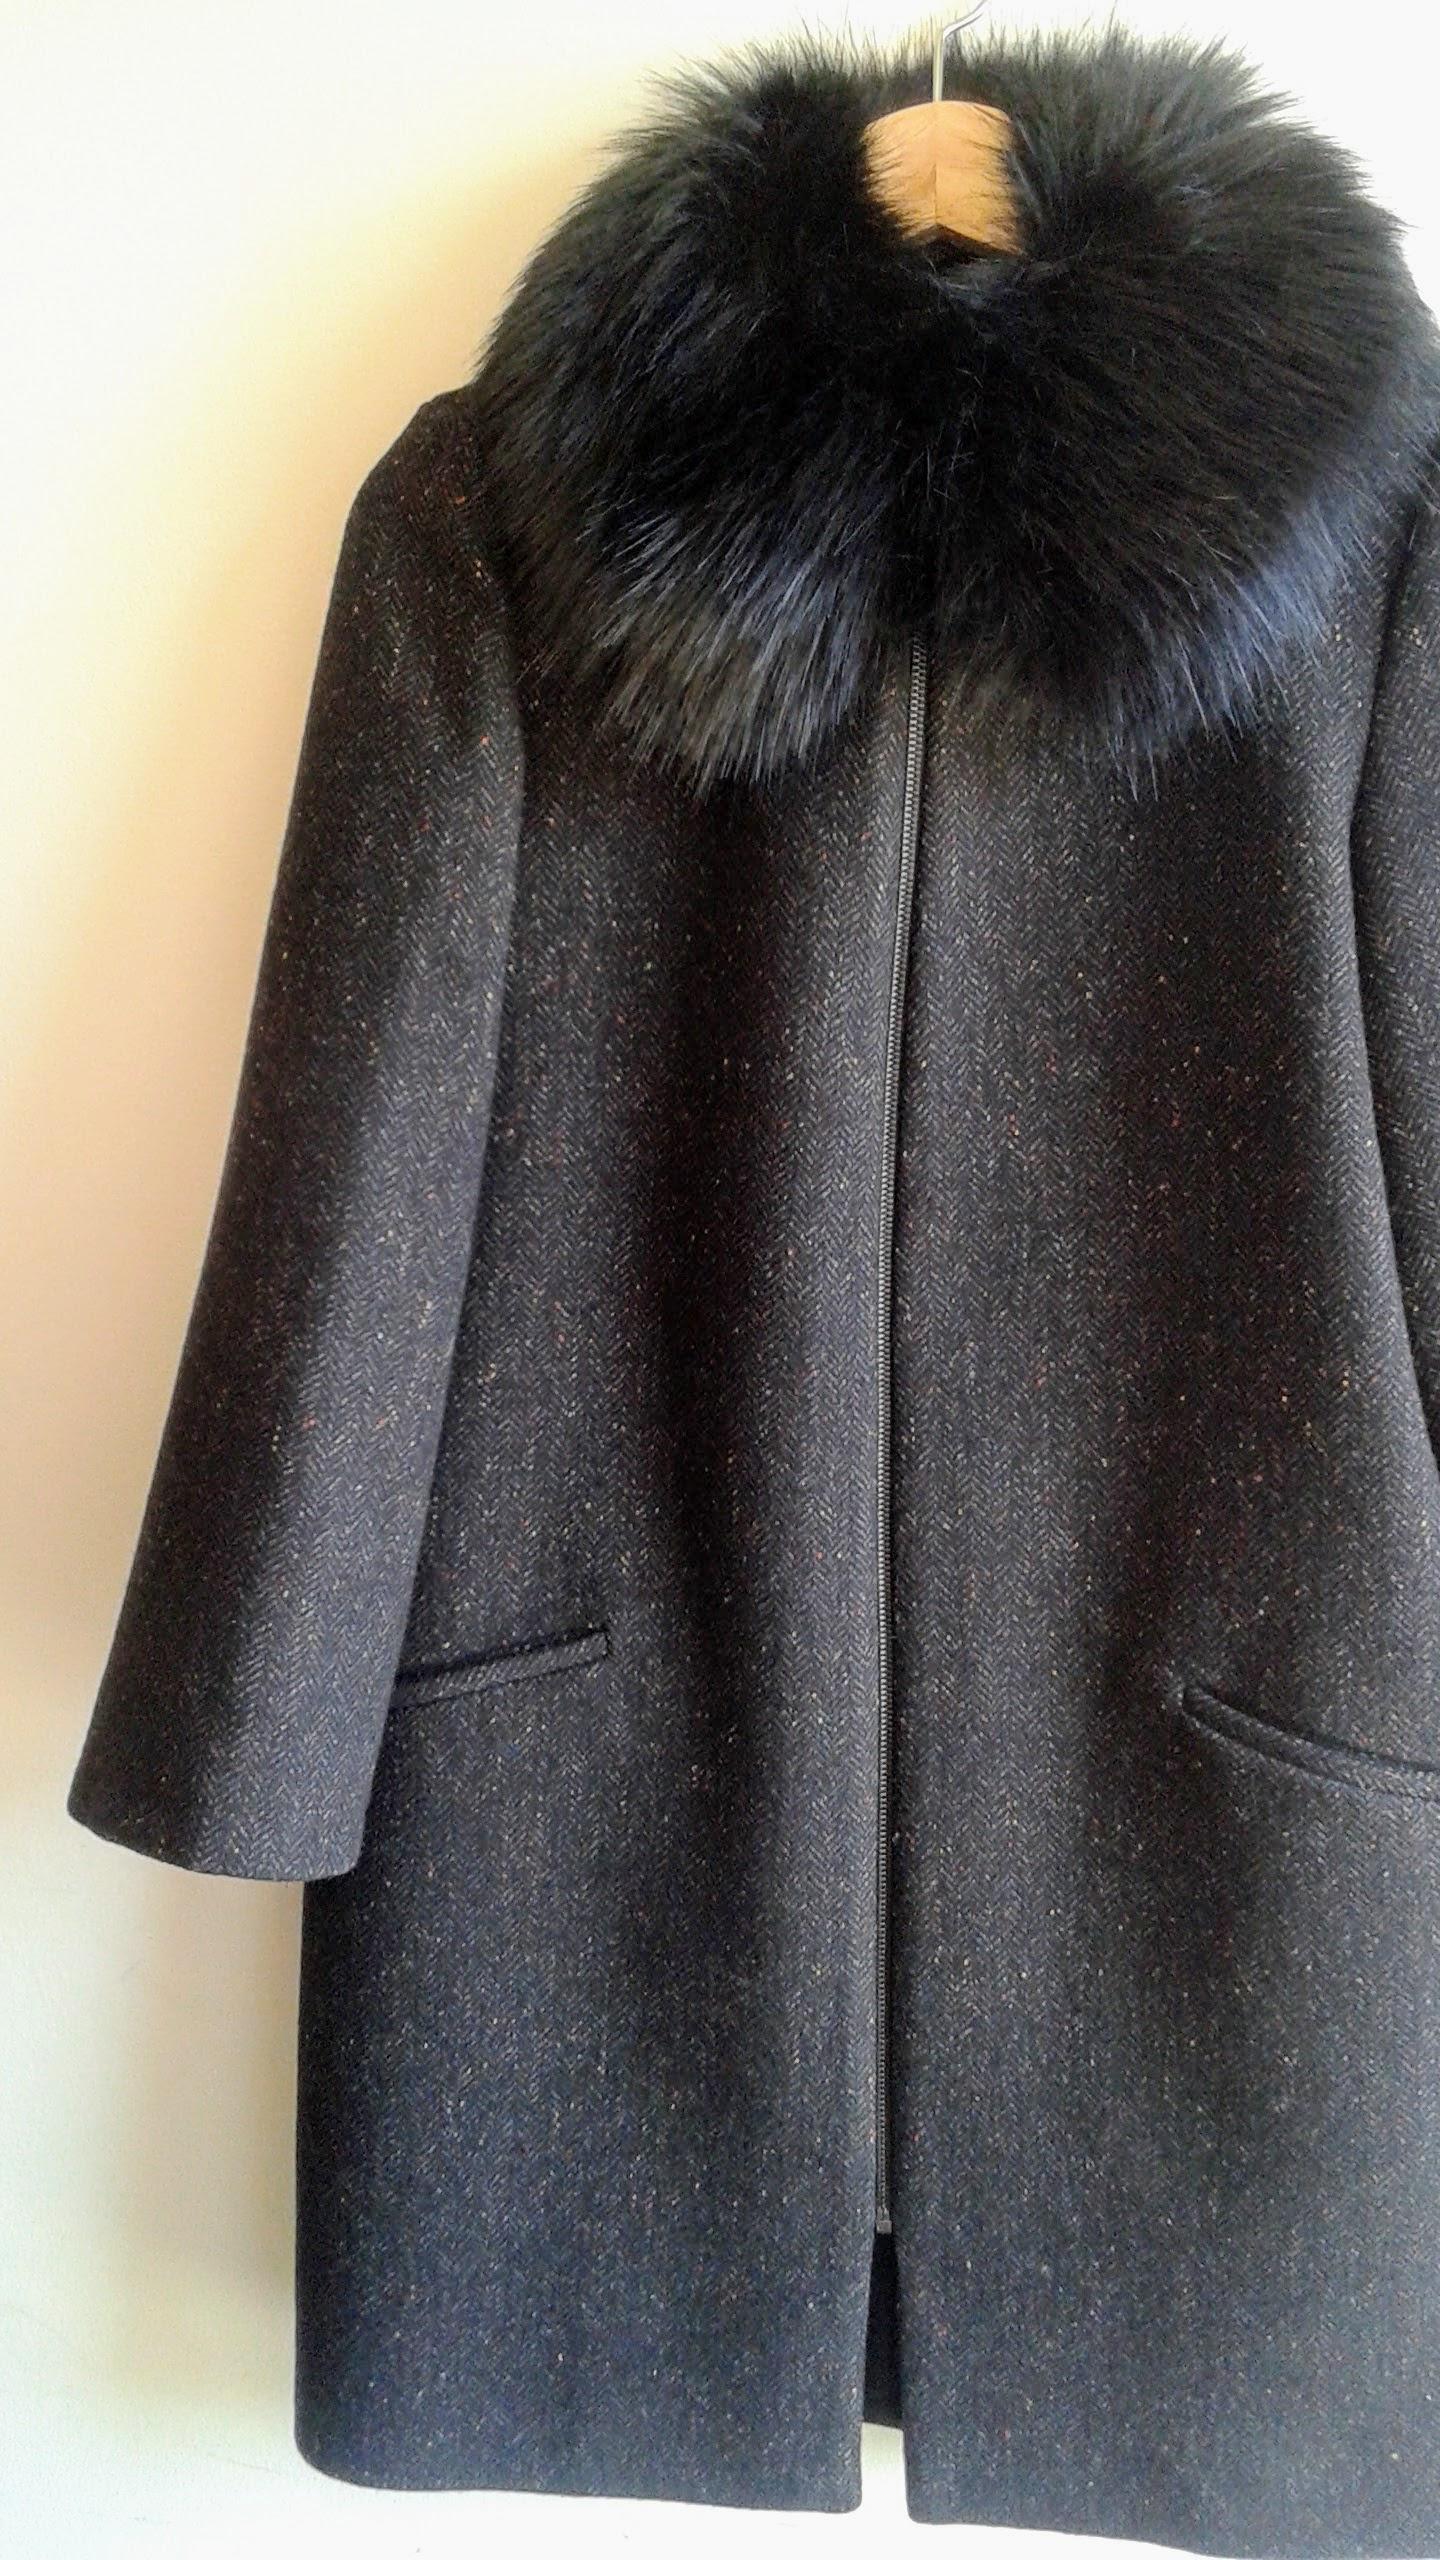 Zara coat; Size S, $62